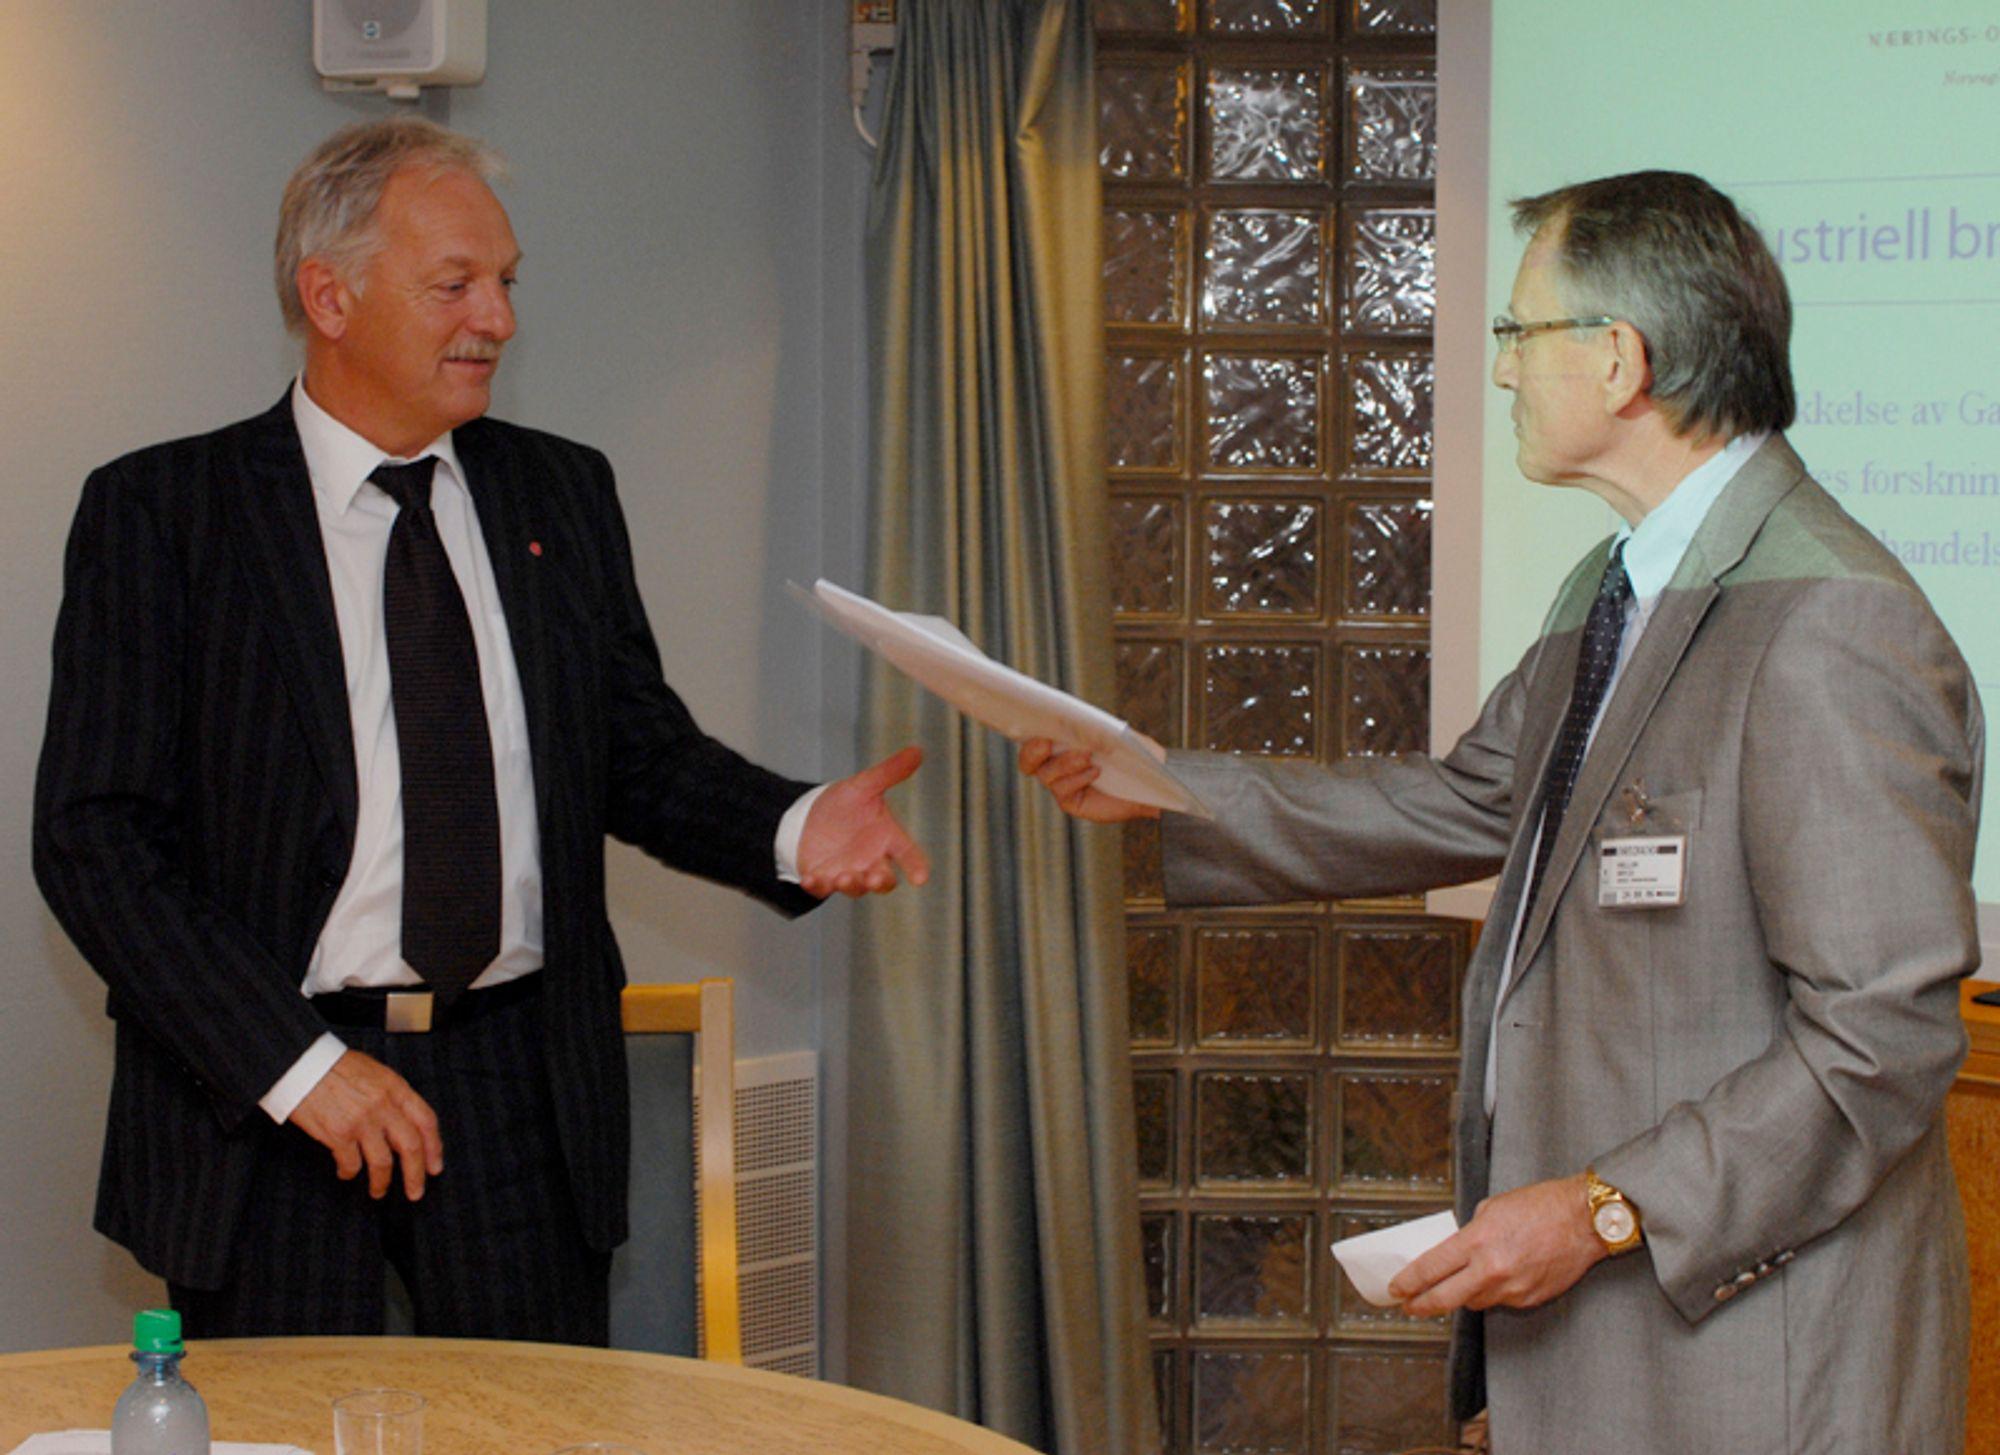 LESESTOFF: Odd Eriksen fikk overlevert gassrapporten fra Norges forskningsråd torsdag 24. august.